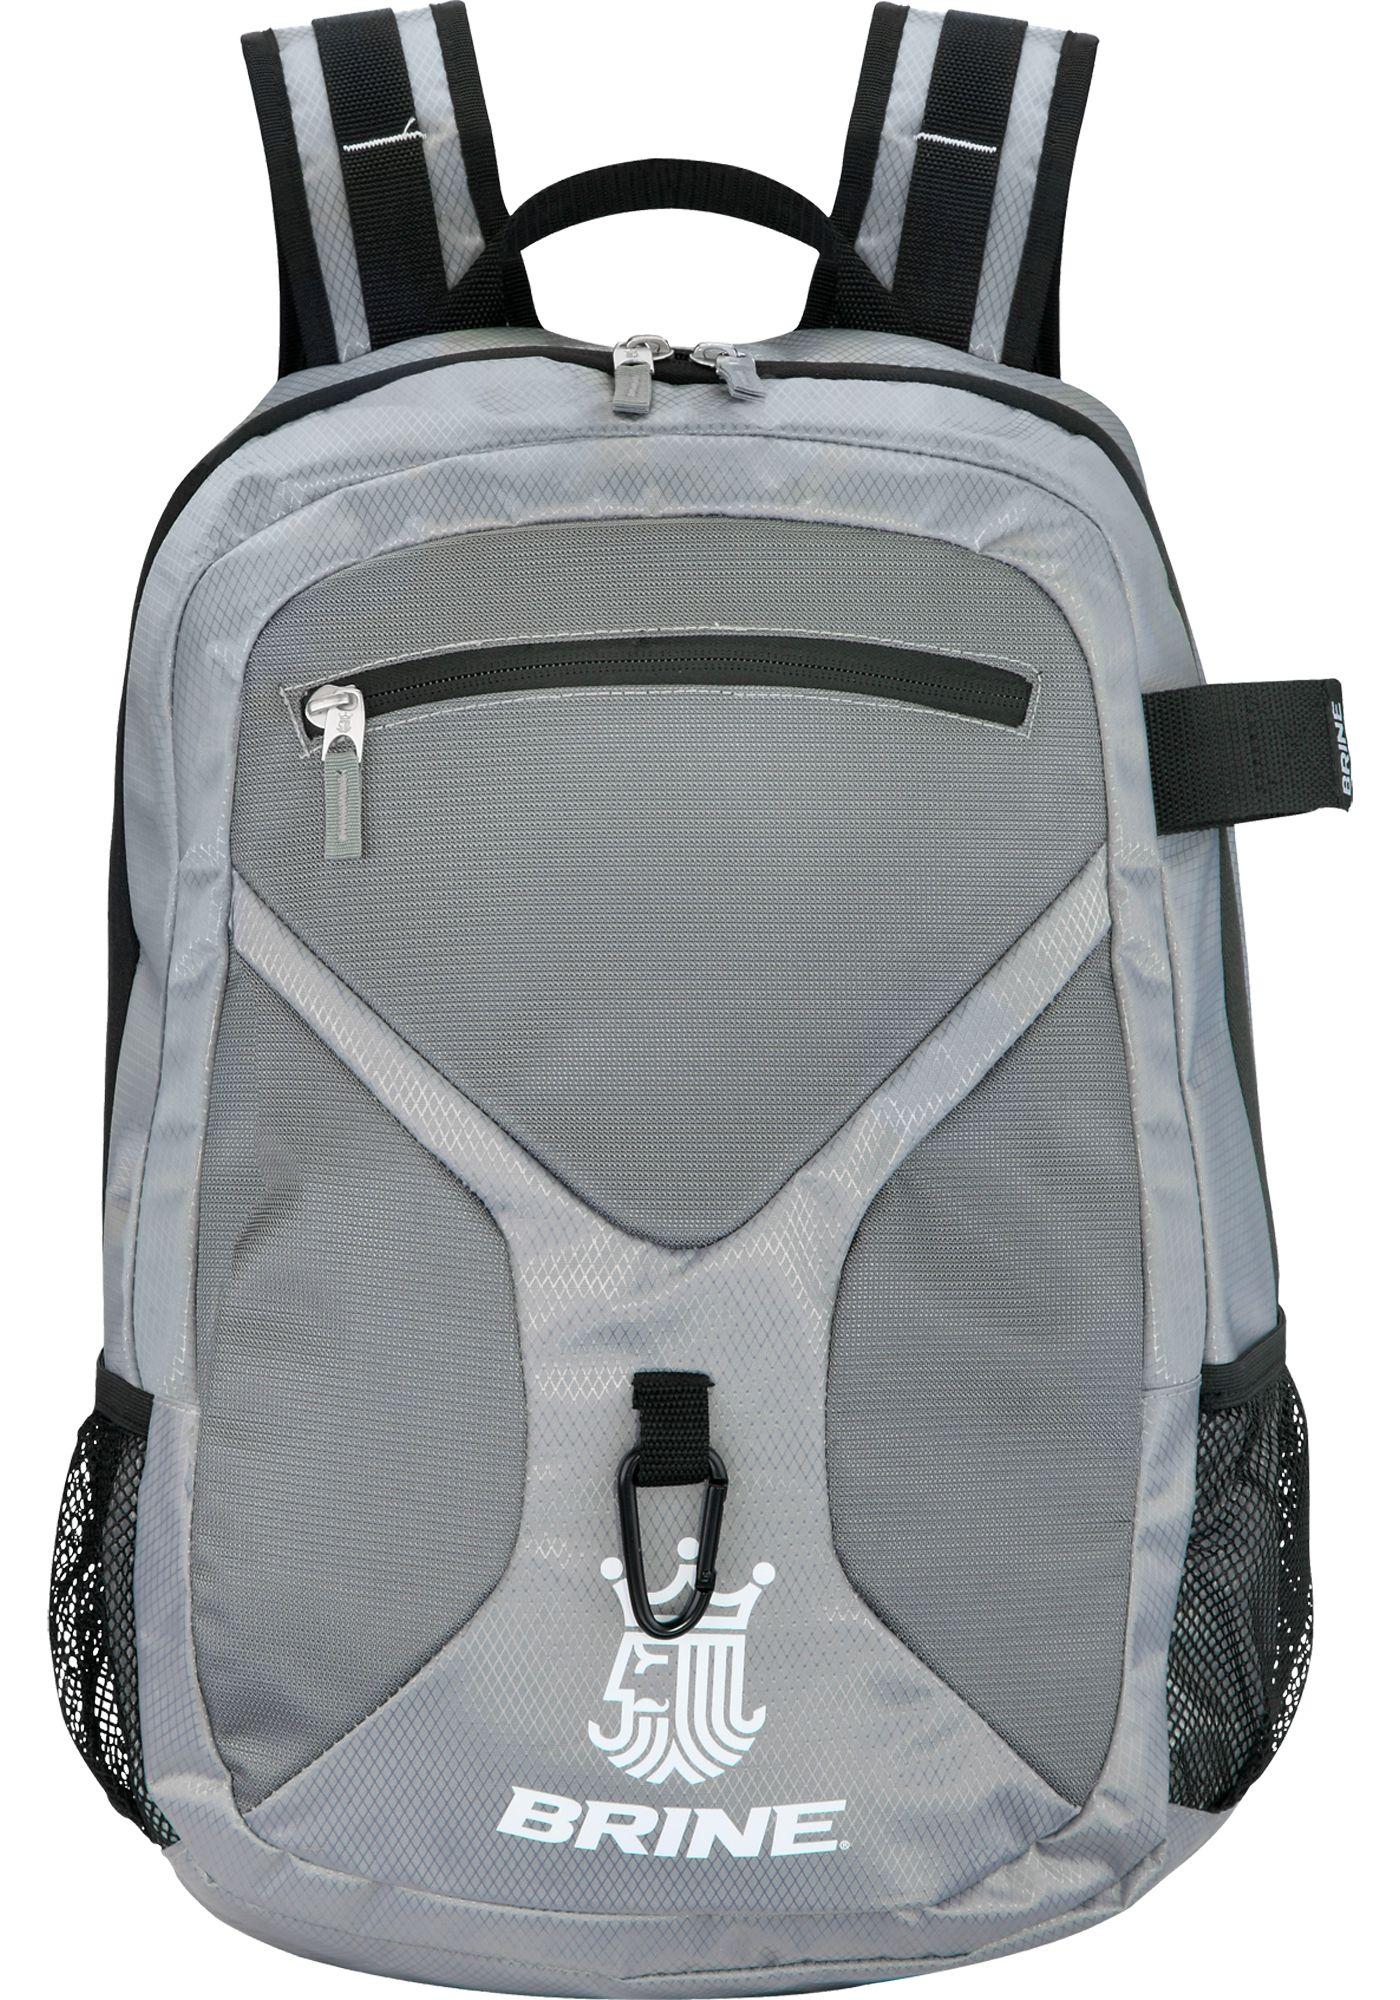 Brine Blueprint Lacrosse Backpack